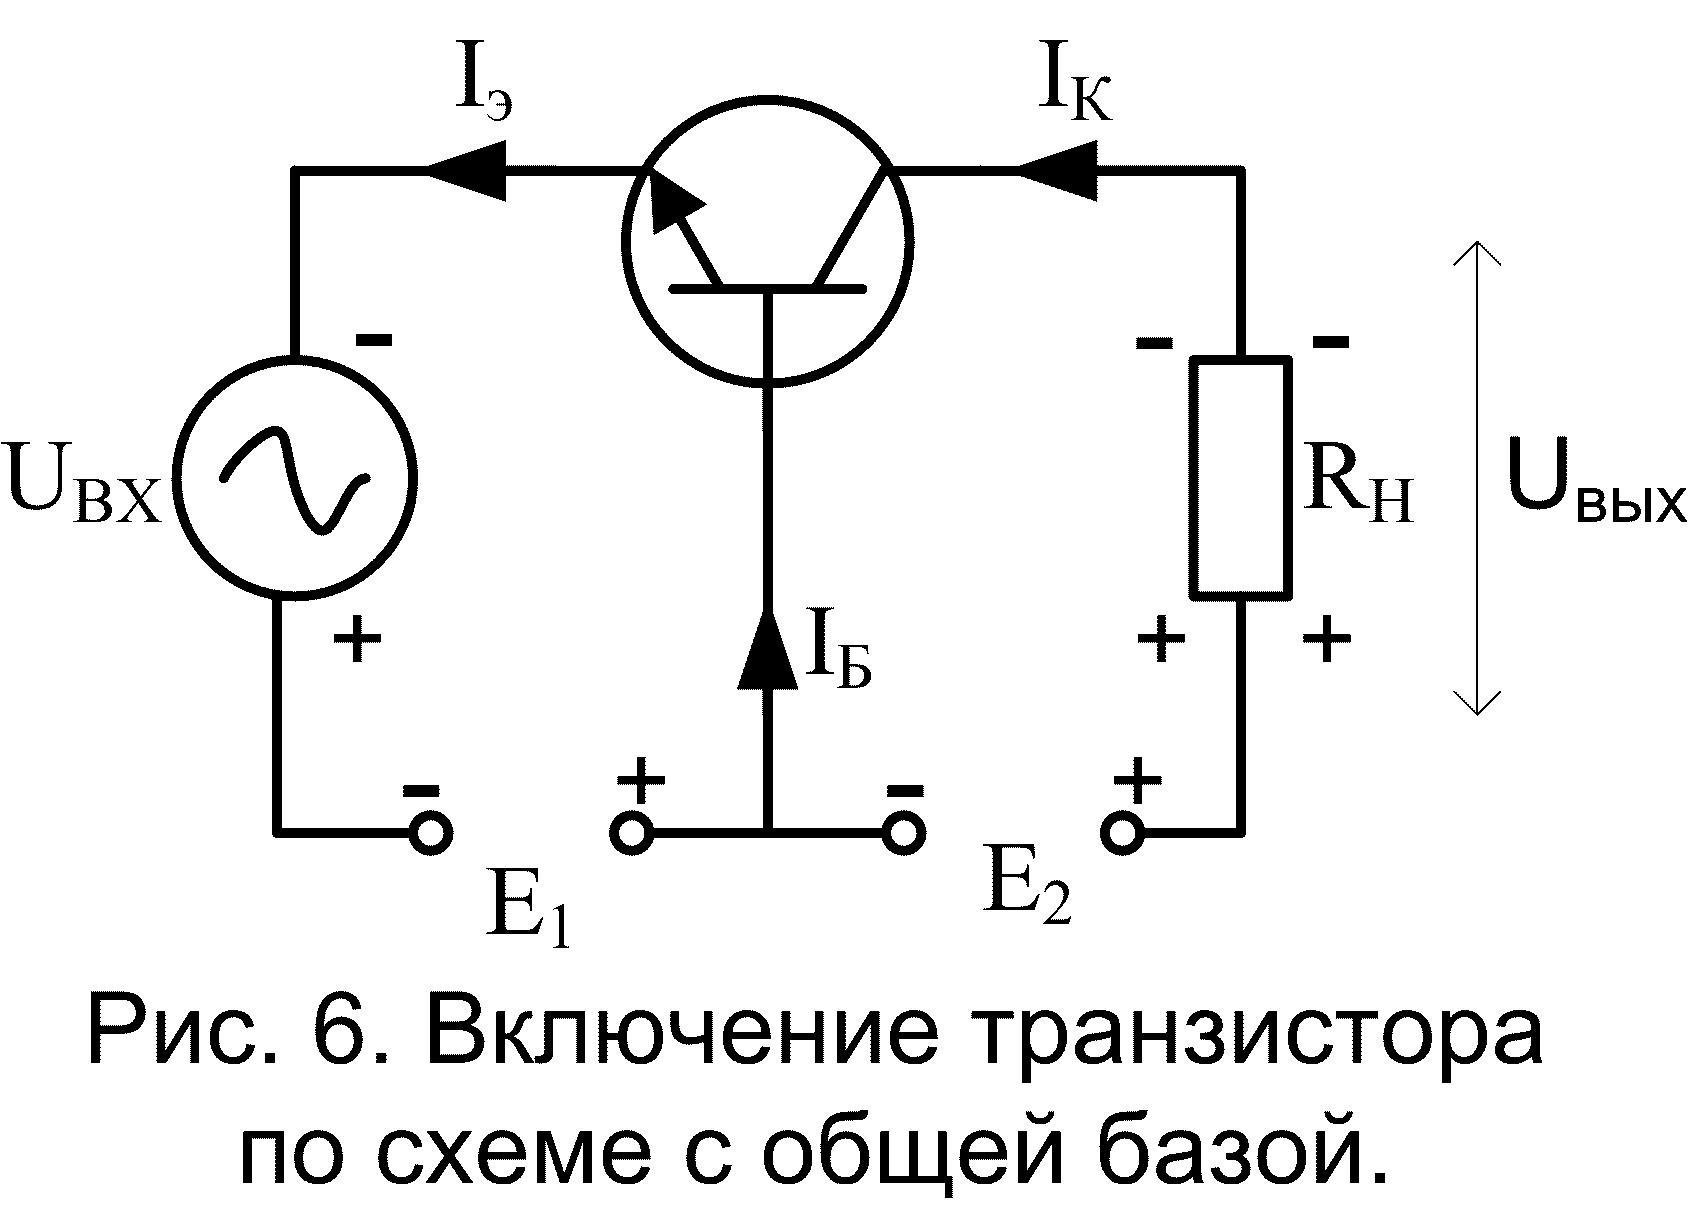 Схема с общей базой принцип работы